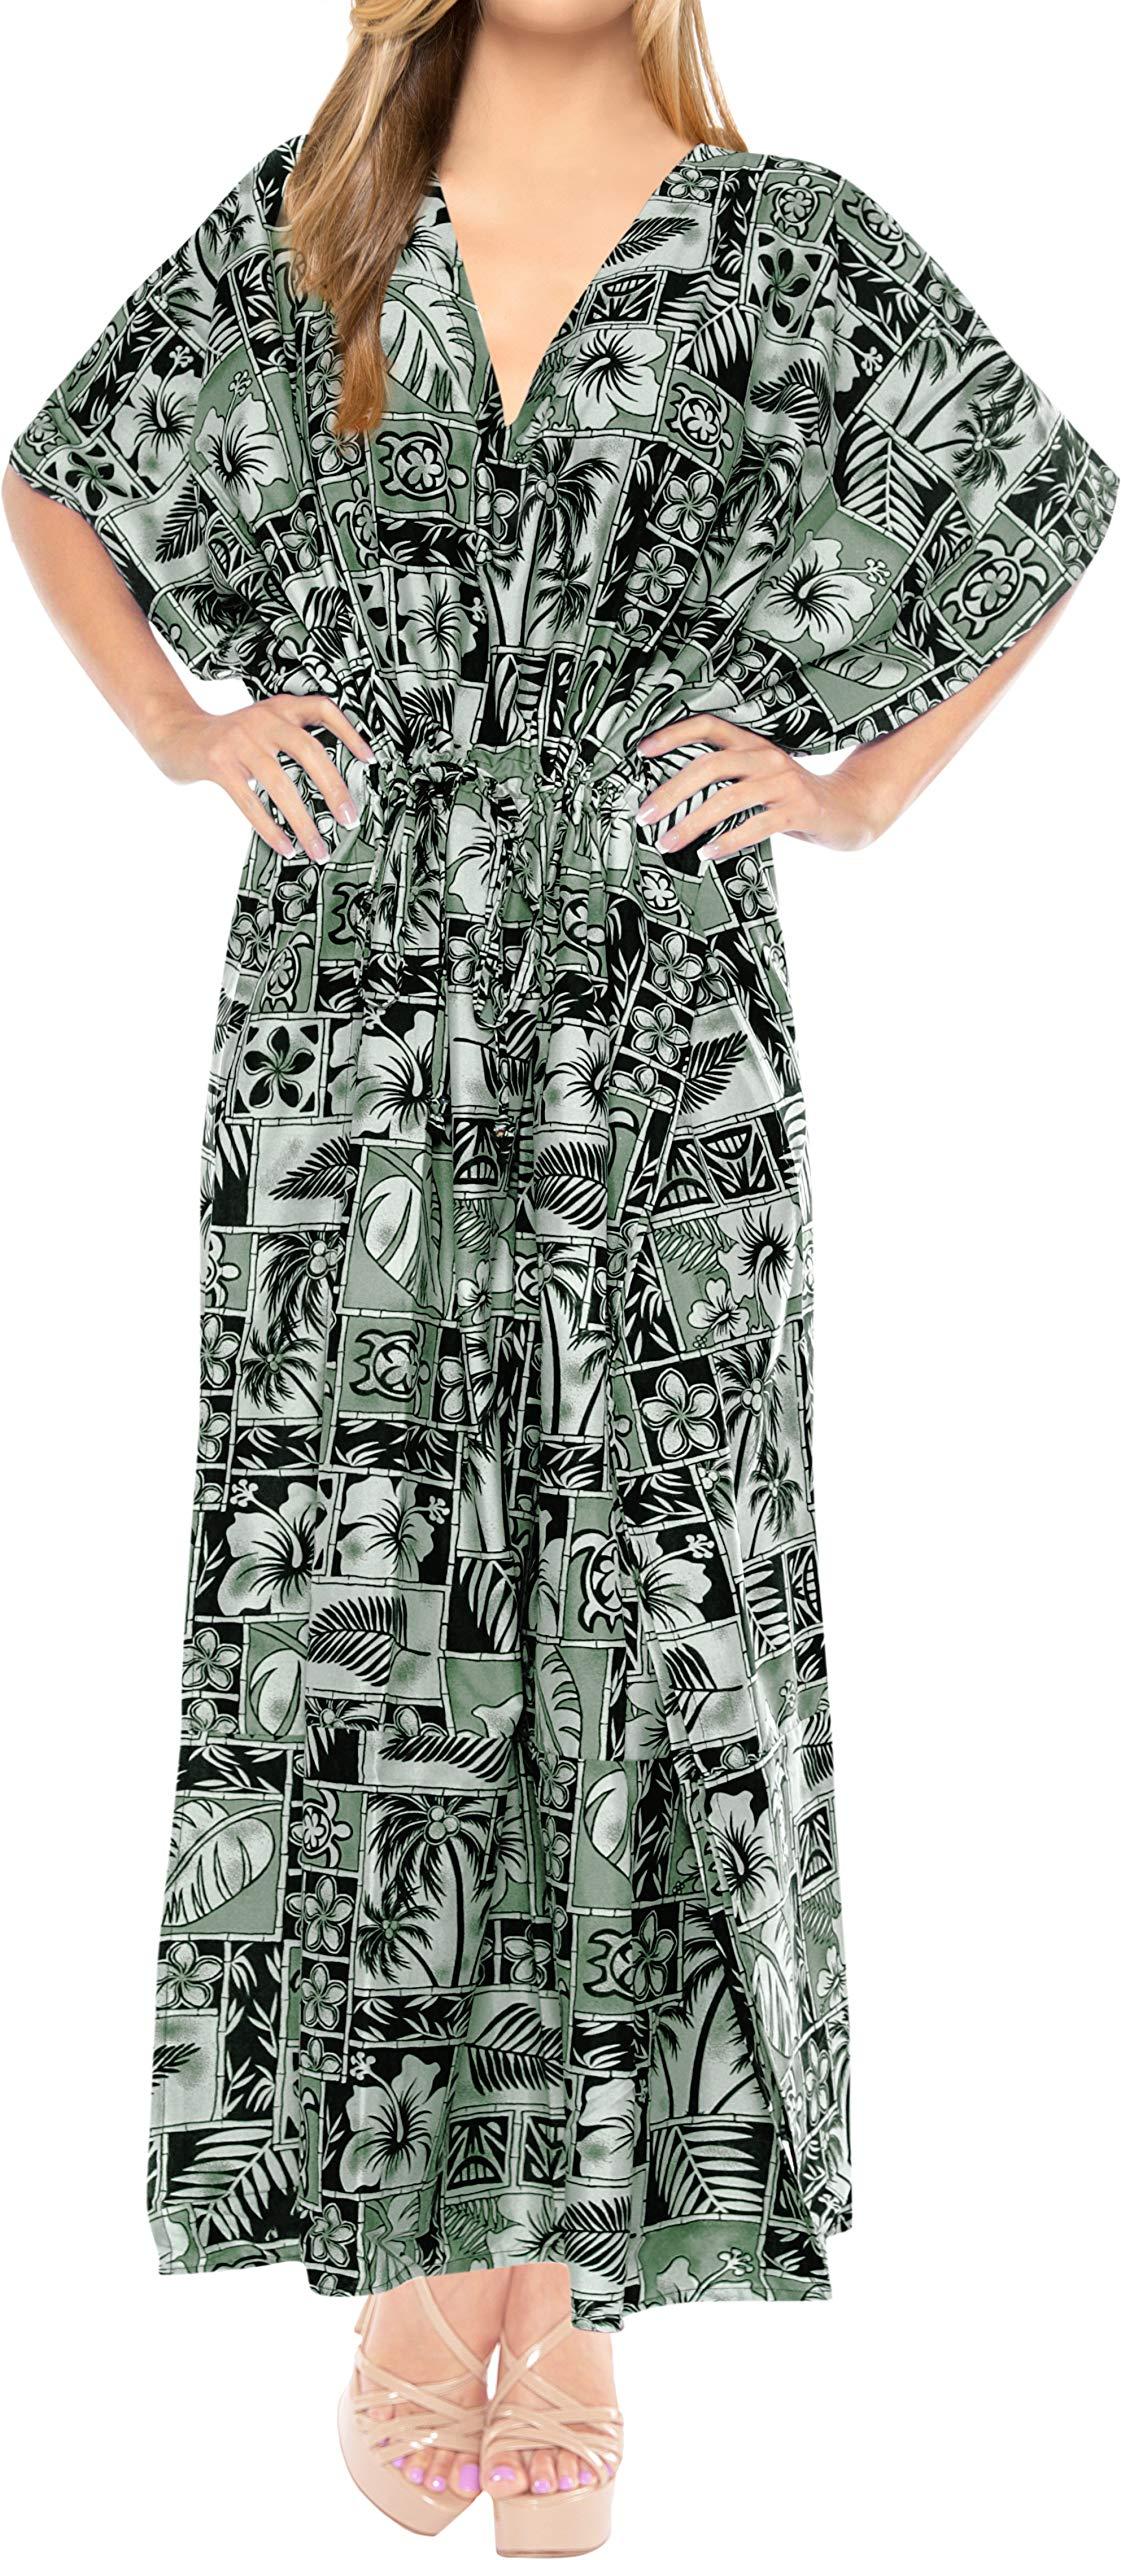 LA LEELA Women's Kaftan Nightgown Lounge Dress Sleepwear Cover Ups Drawstring